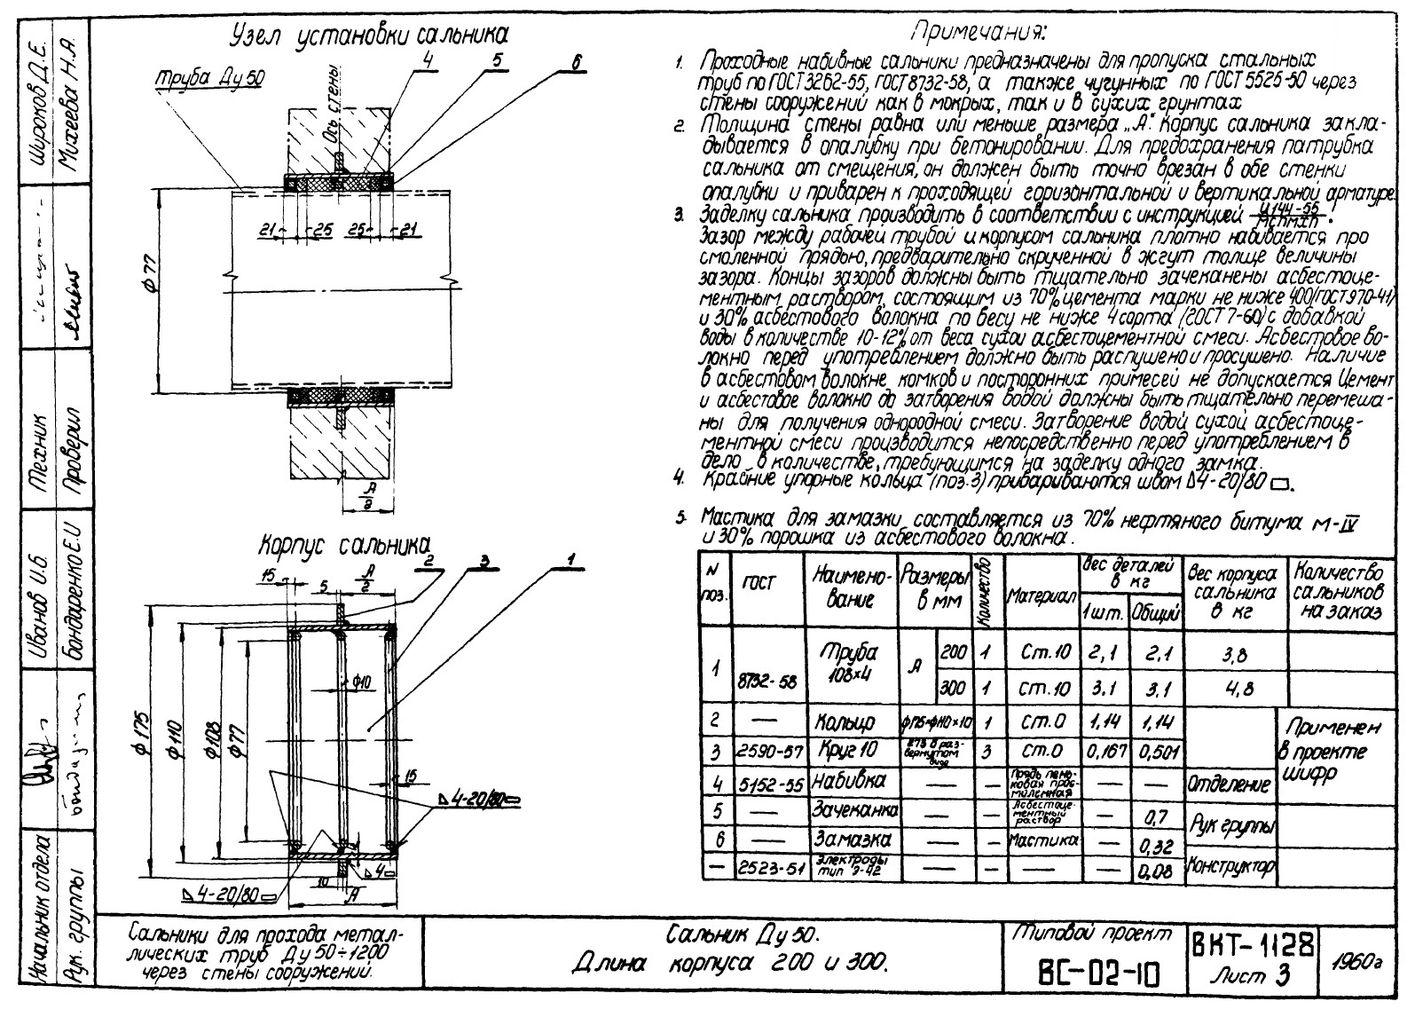 Сальники набивные L = 300 мм типовой проект ВС-02-10 стр.1